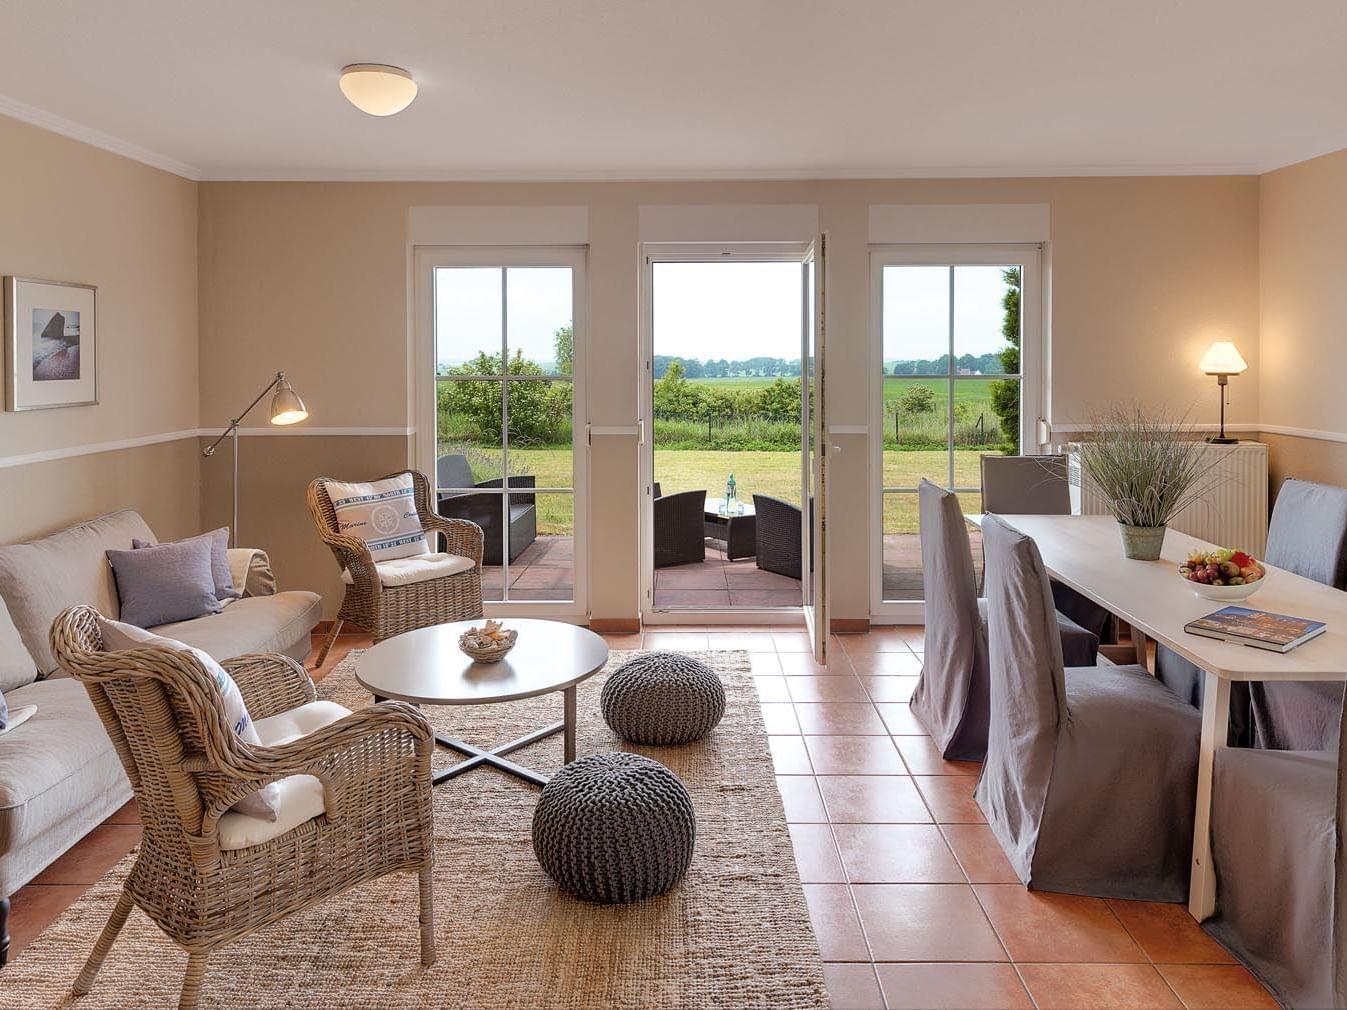 Deluxe 2 bedroom apartment at Precise Resort Rügen